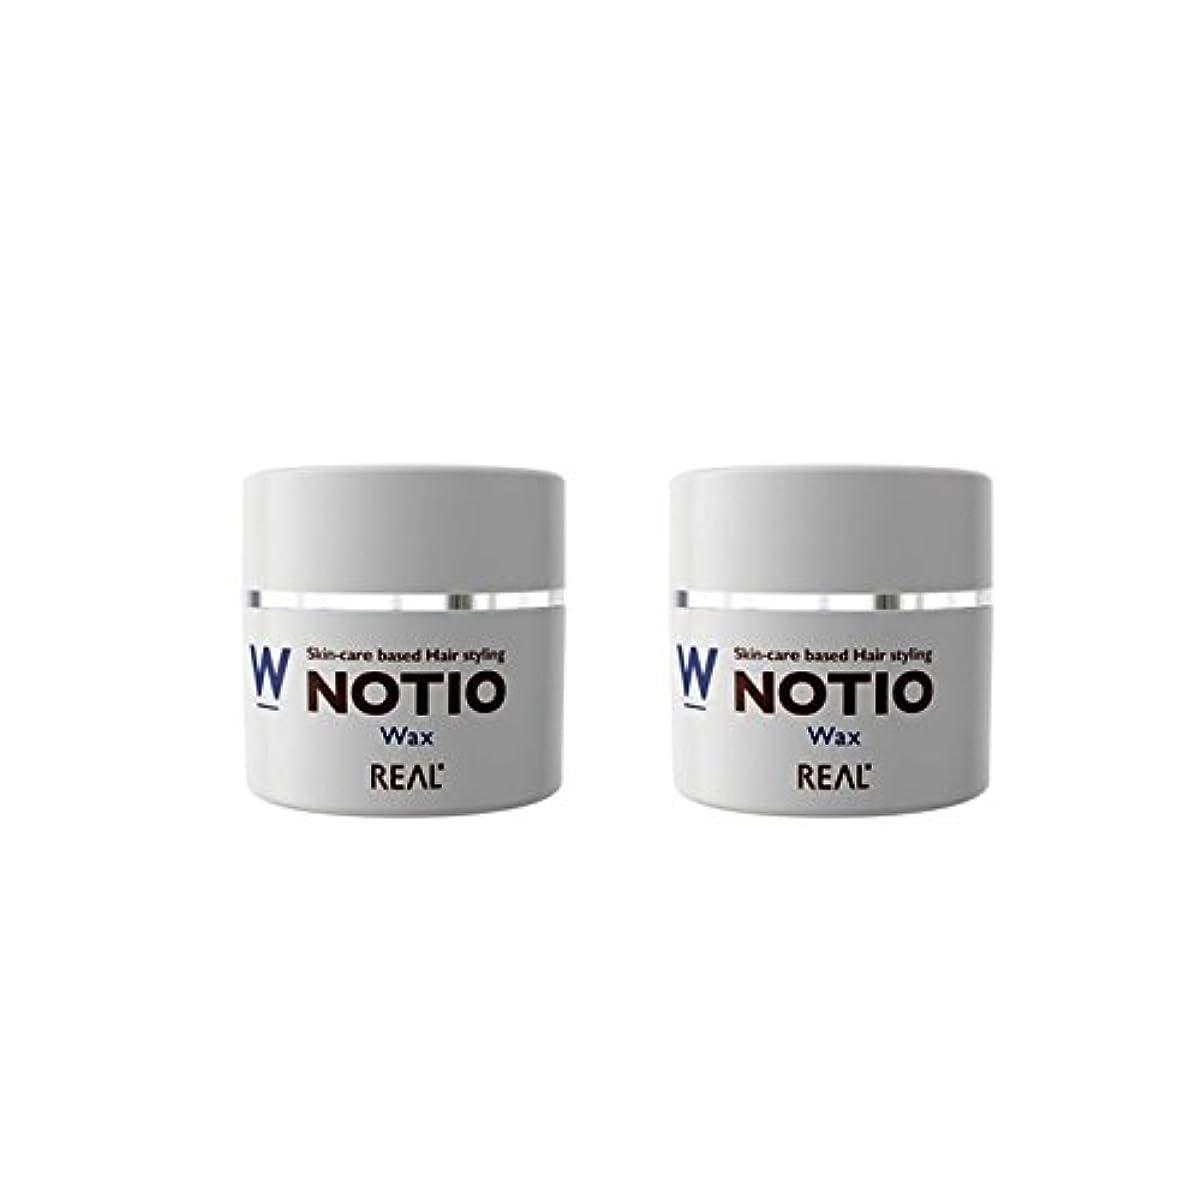 ポジティブ寸法みなす【2個セット】NOTIO Wax ノティオ ワックス ( ヘアスタイリング?ハンドクリーム ) 45g